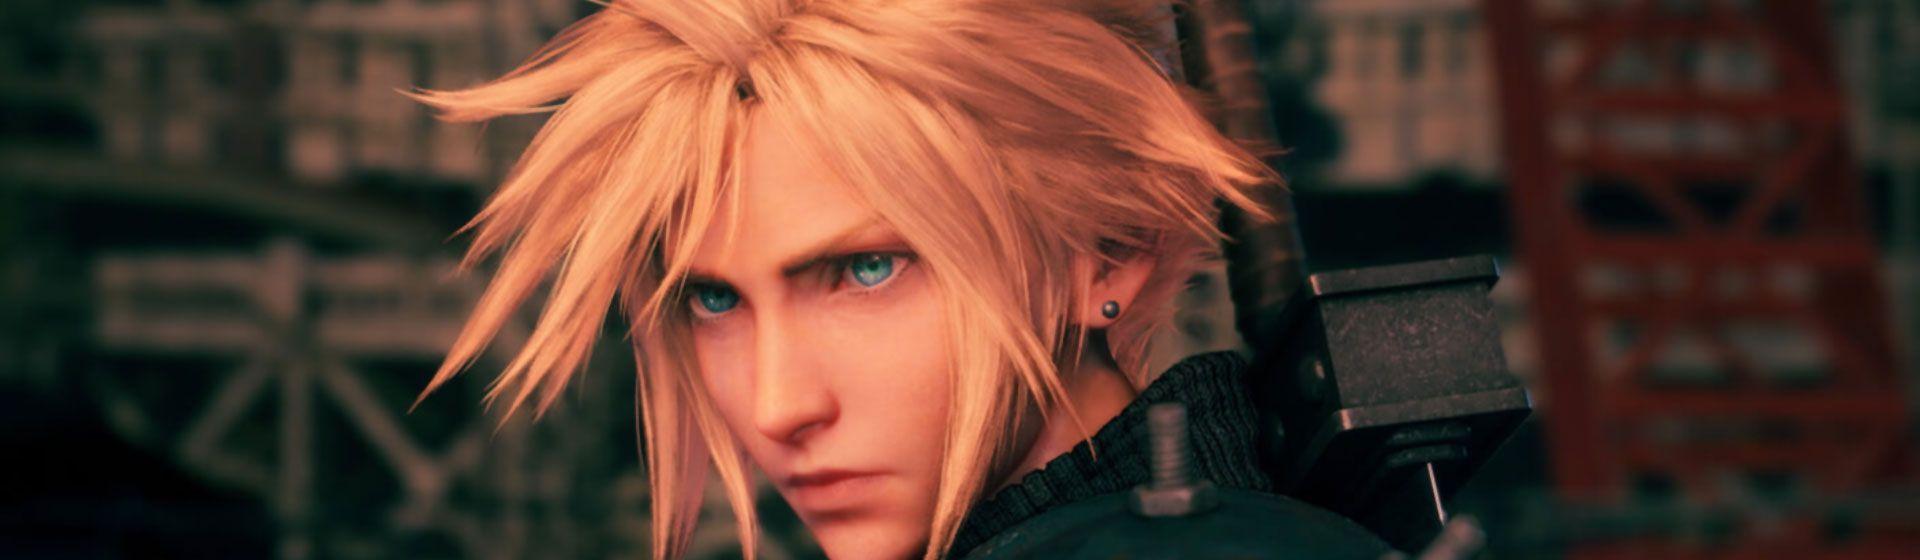 Final Fantasy terá mais jogos no Xbox Game Pass em 2021, diz Microsoft